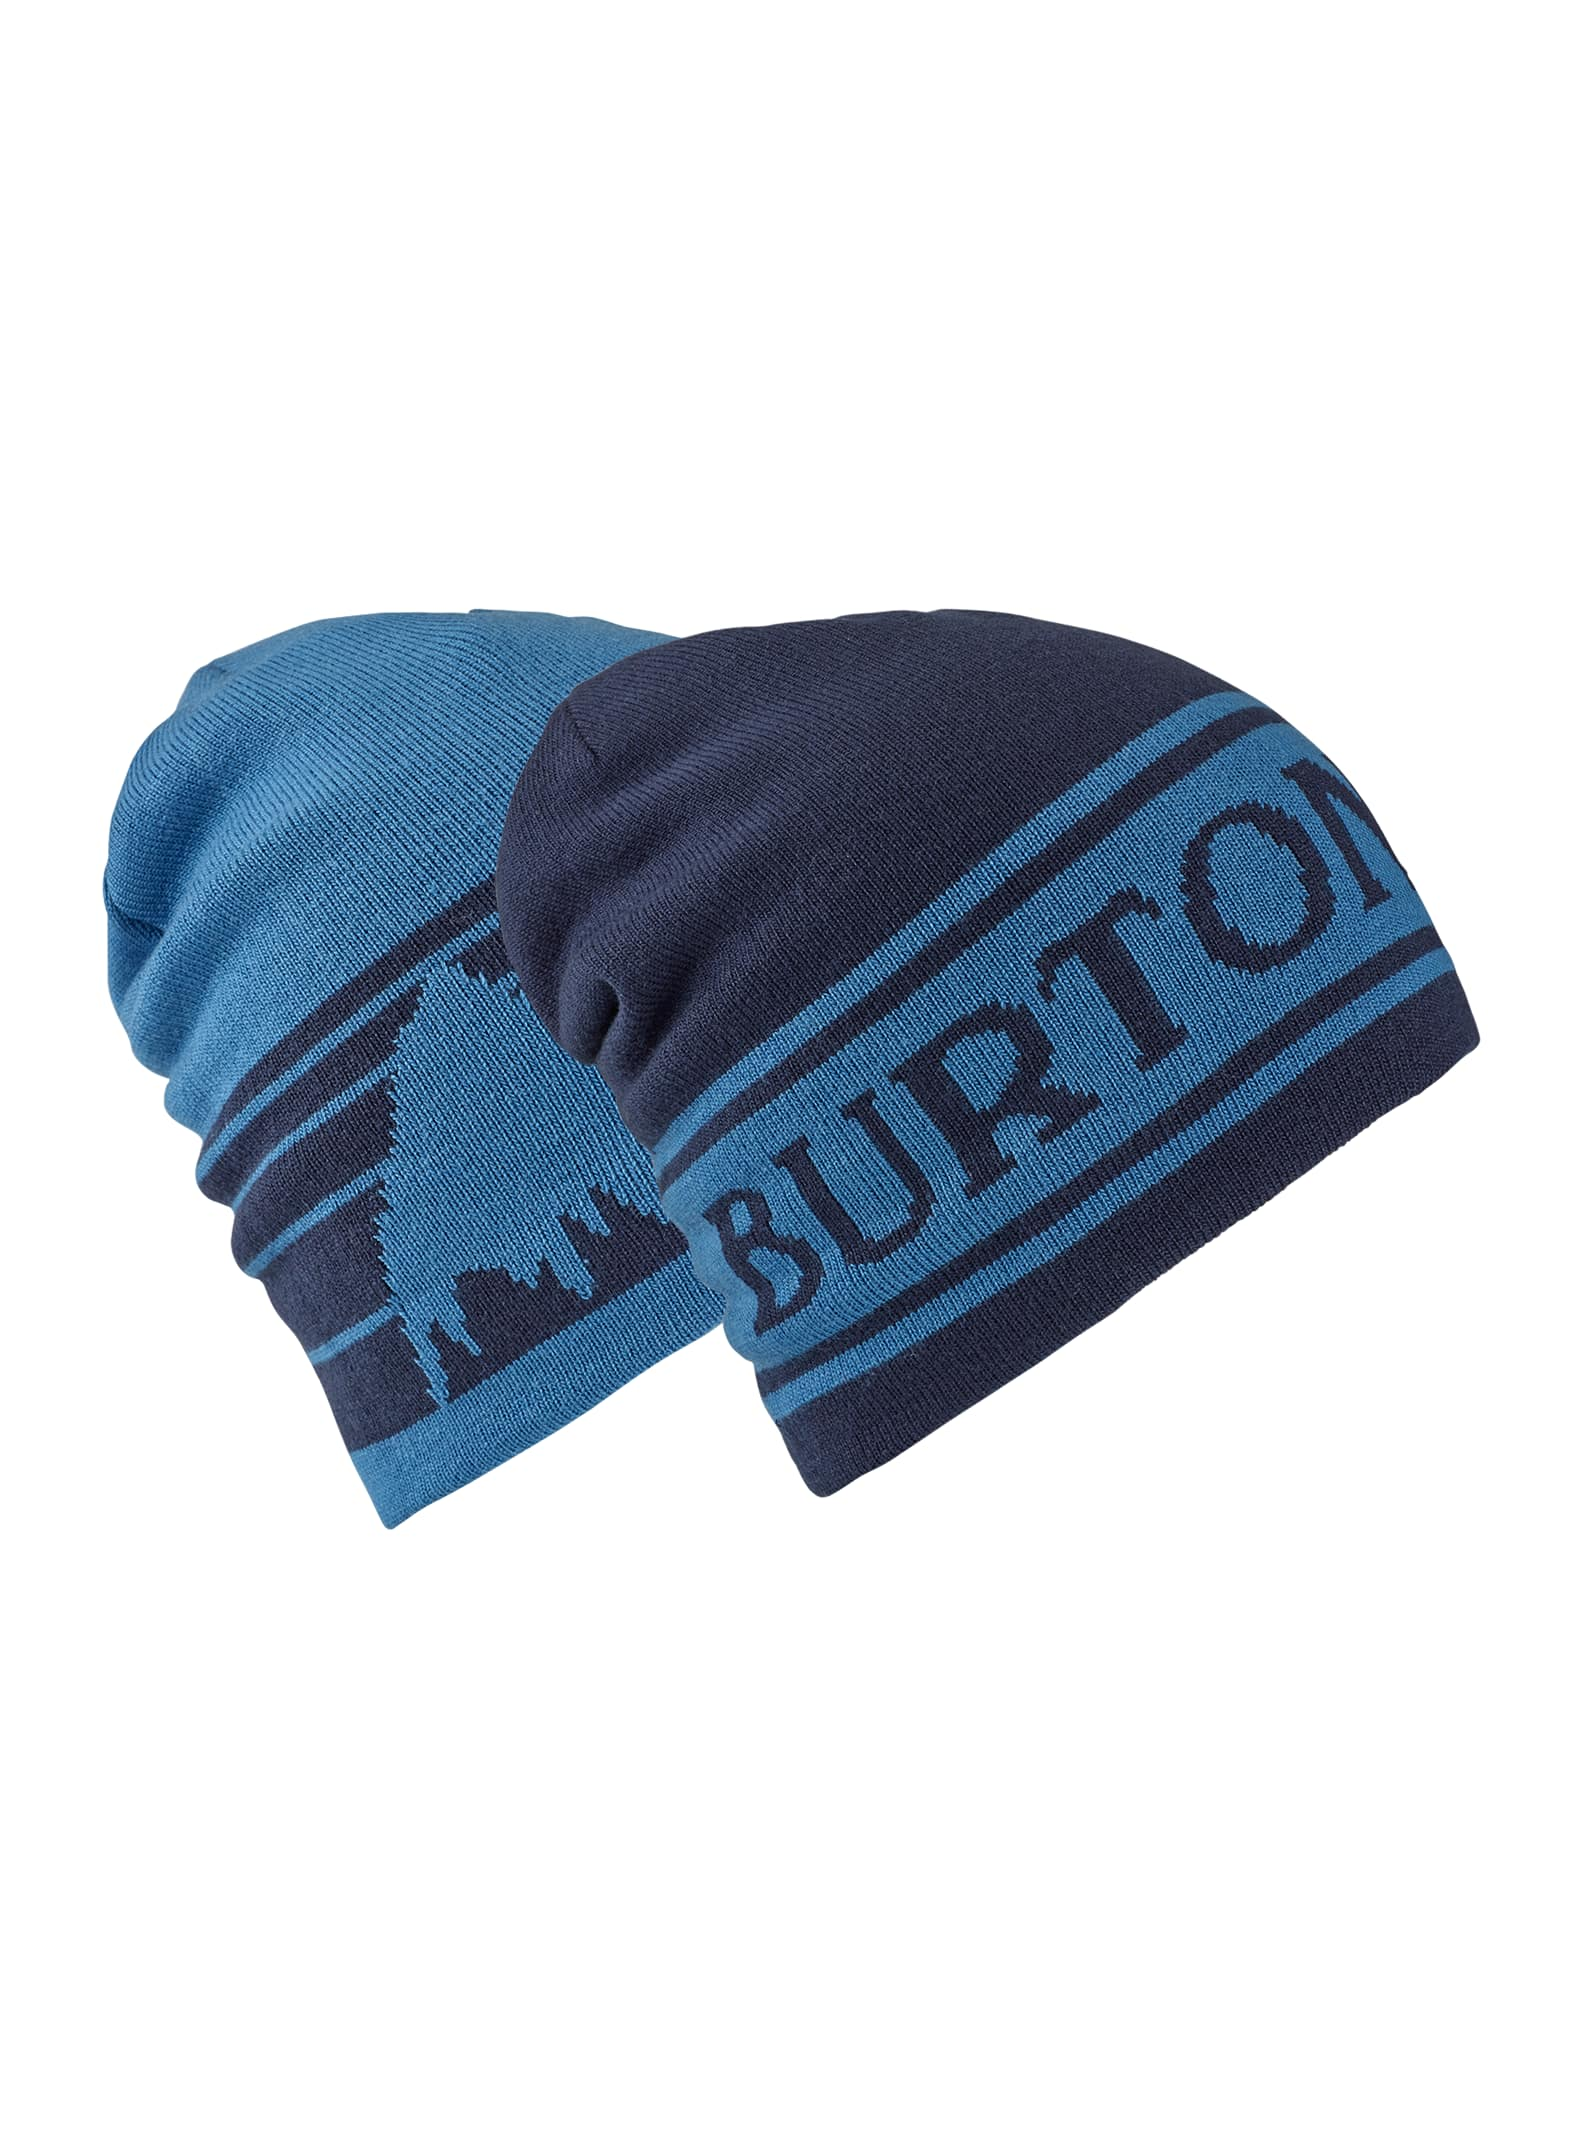 afd87f2660ea4 Men s Hats   Beanies